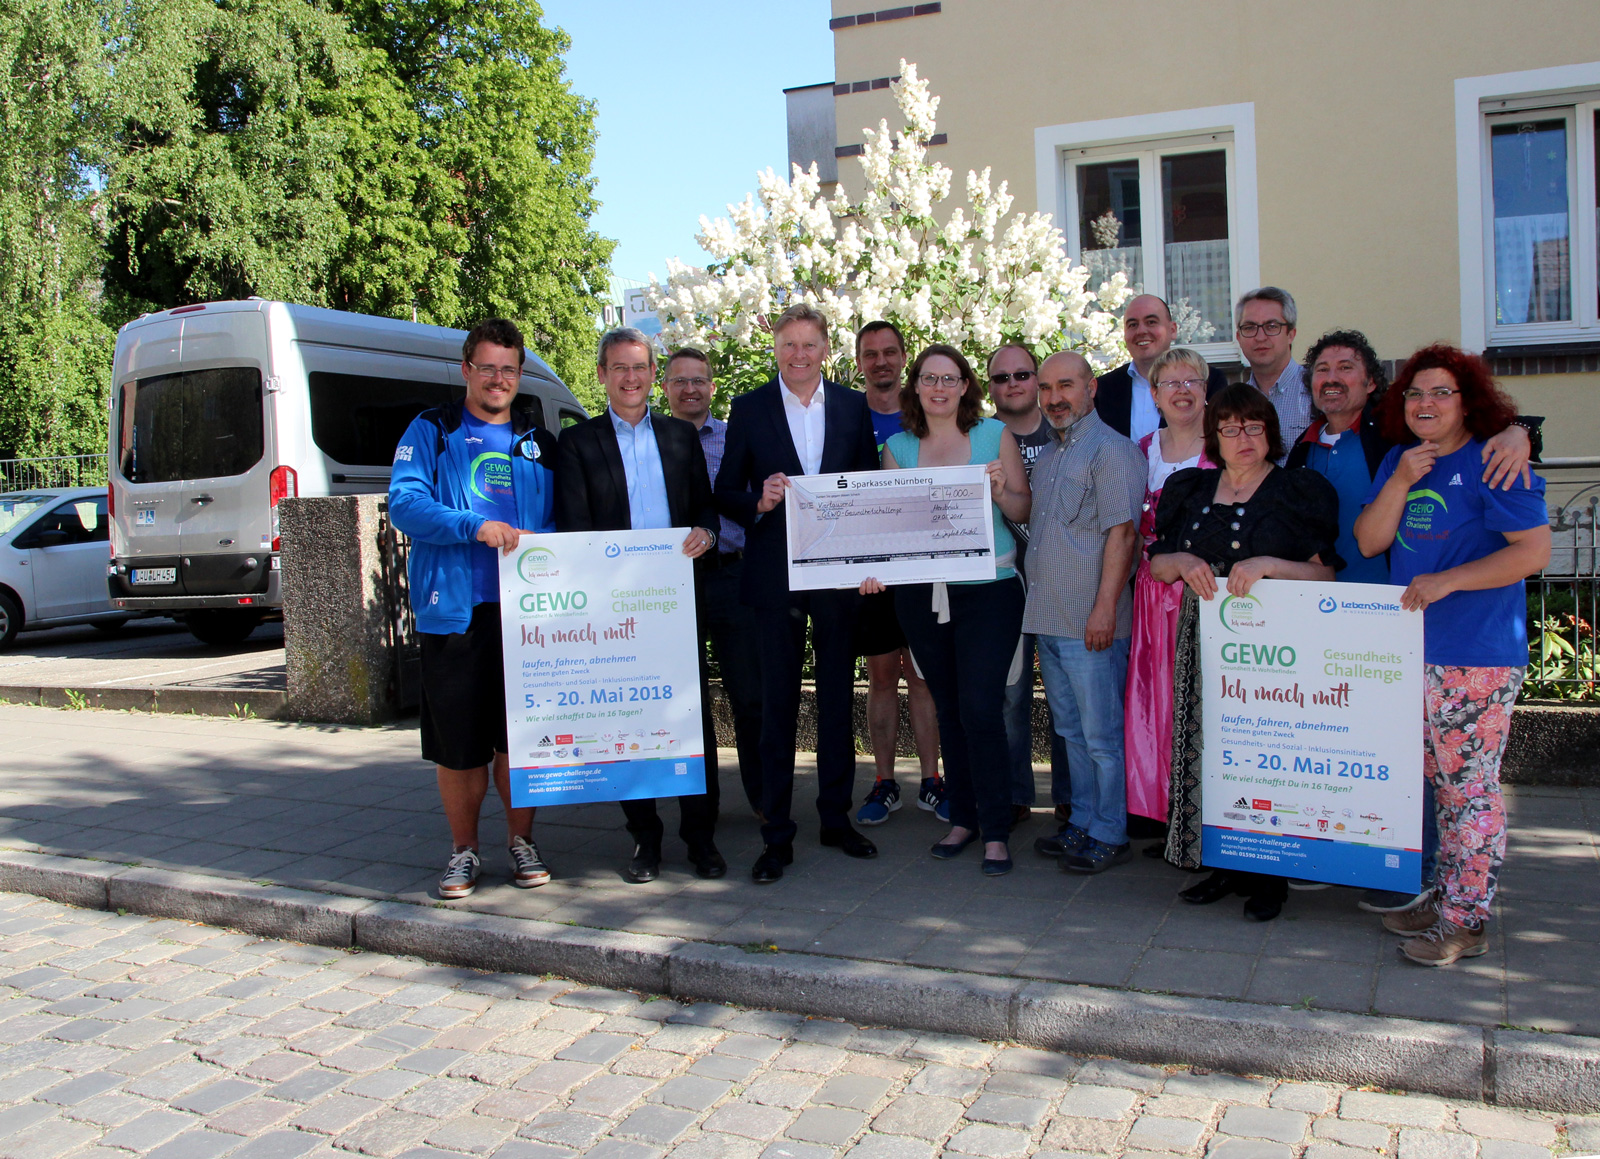 Großer Augenblick: 4000 Euro, der Erlös des 5. Begegnungscups, kommt der Lebenshilfeaktion Gewo Gesundheitschallenge zugute. Organisatoren wollen Inklusion auf allen Ebenen fördern.